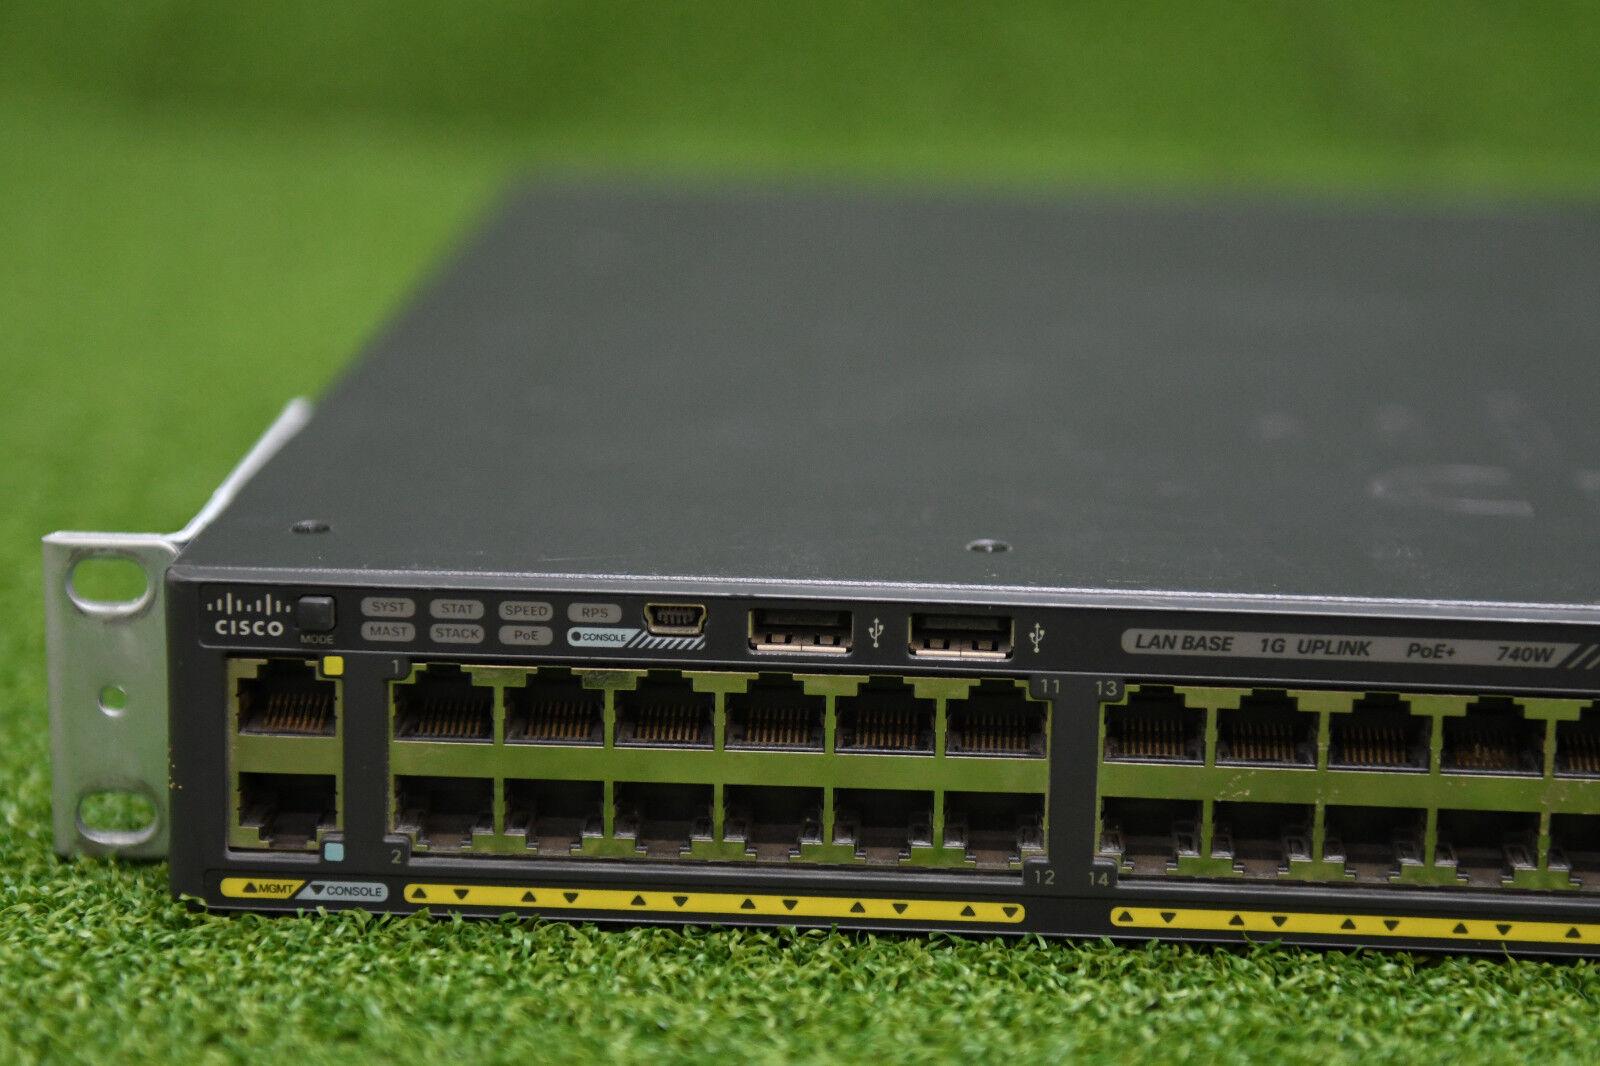 Cisco Catalyst 2960 X 48 Gige Poe 740w 1gb Ws C2960x 48fps L Ebay S Switch With Lan Base Vs Ip